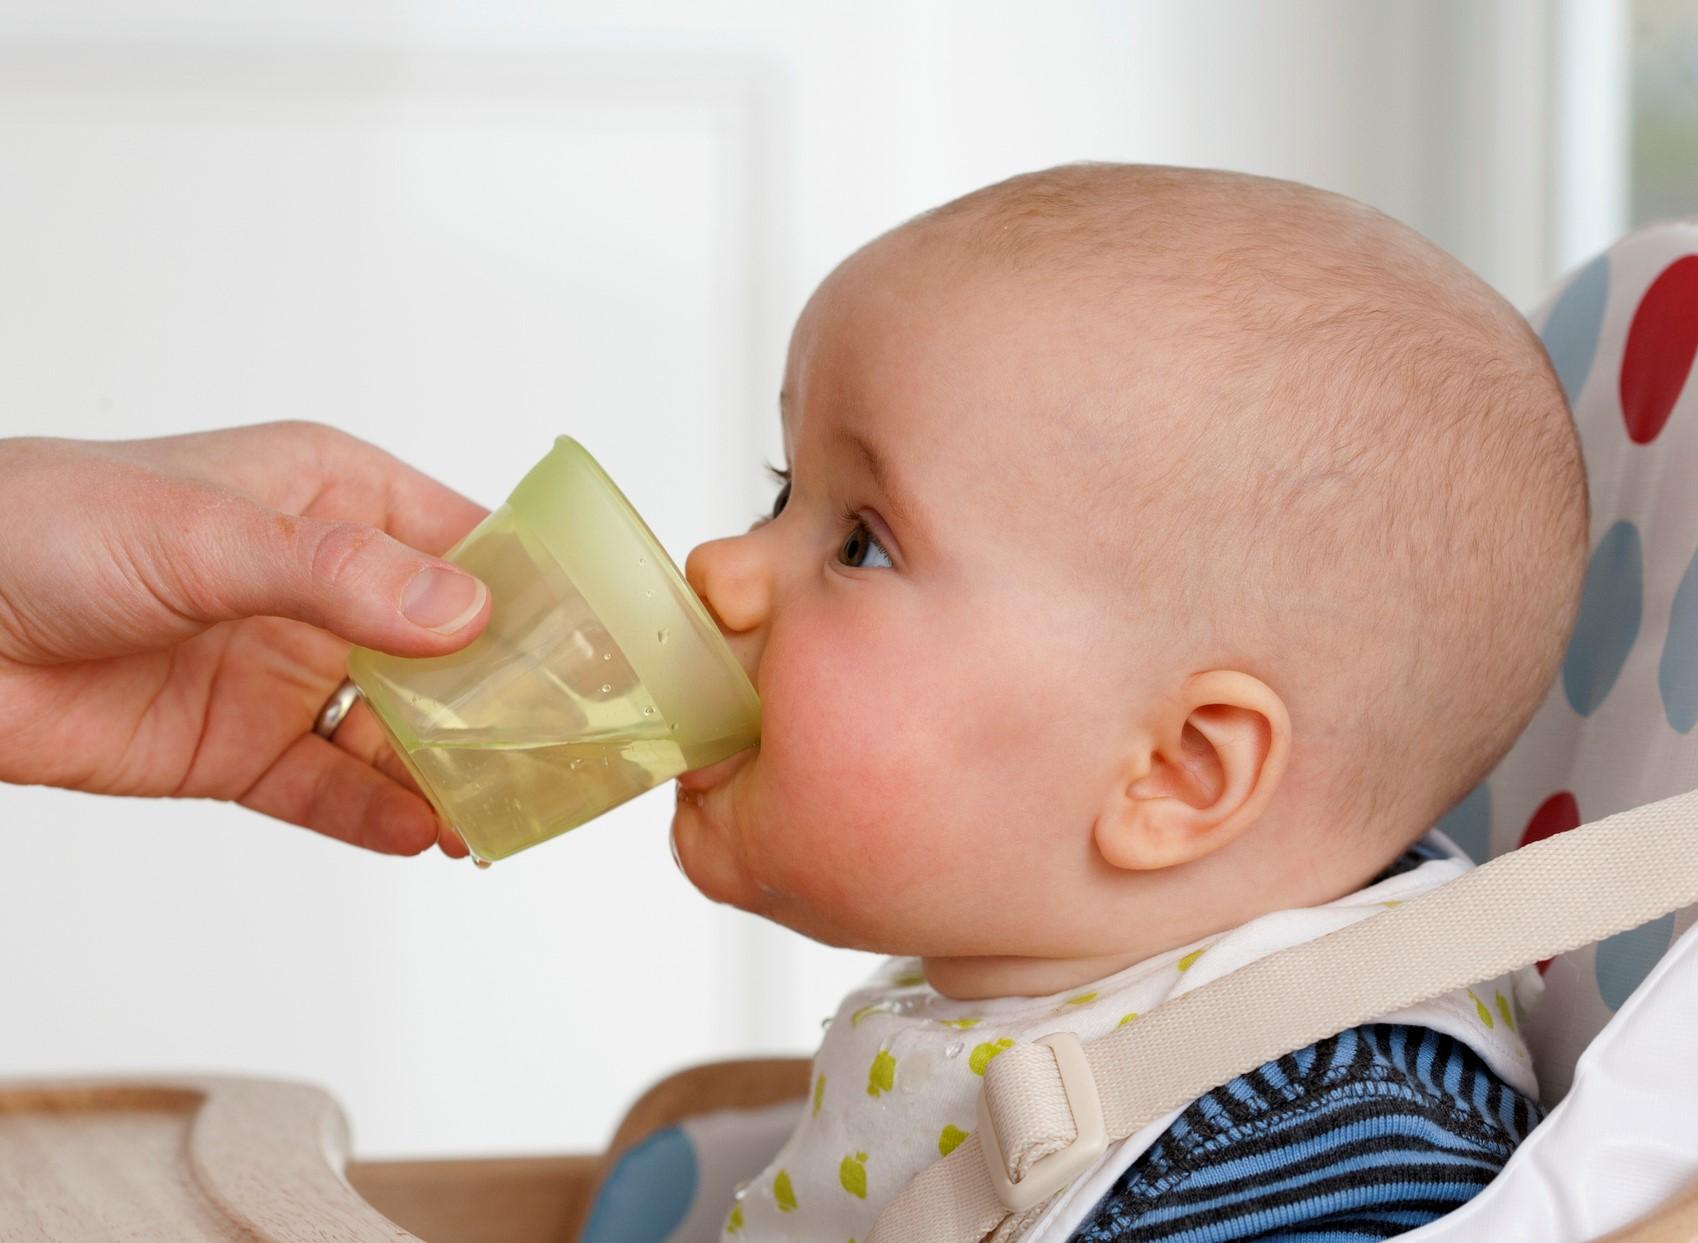 Вода – важная составляющая в укреплении здоровья маленьких детей